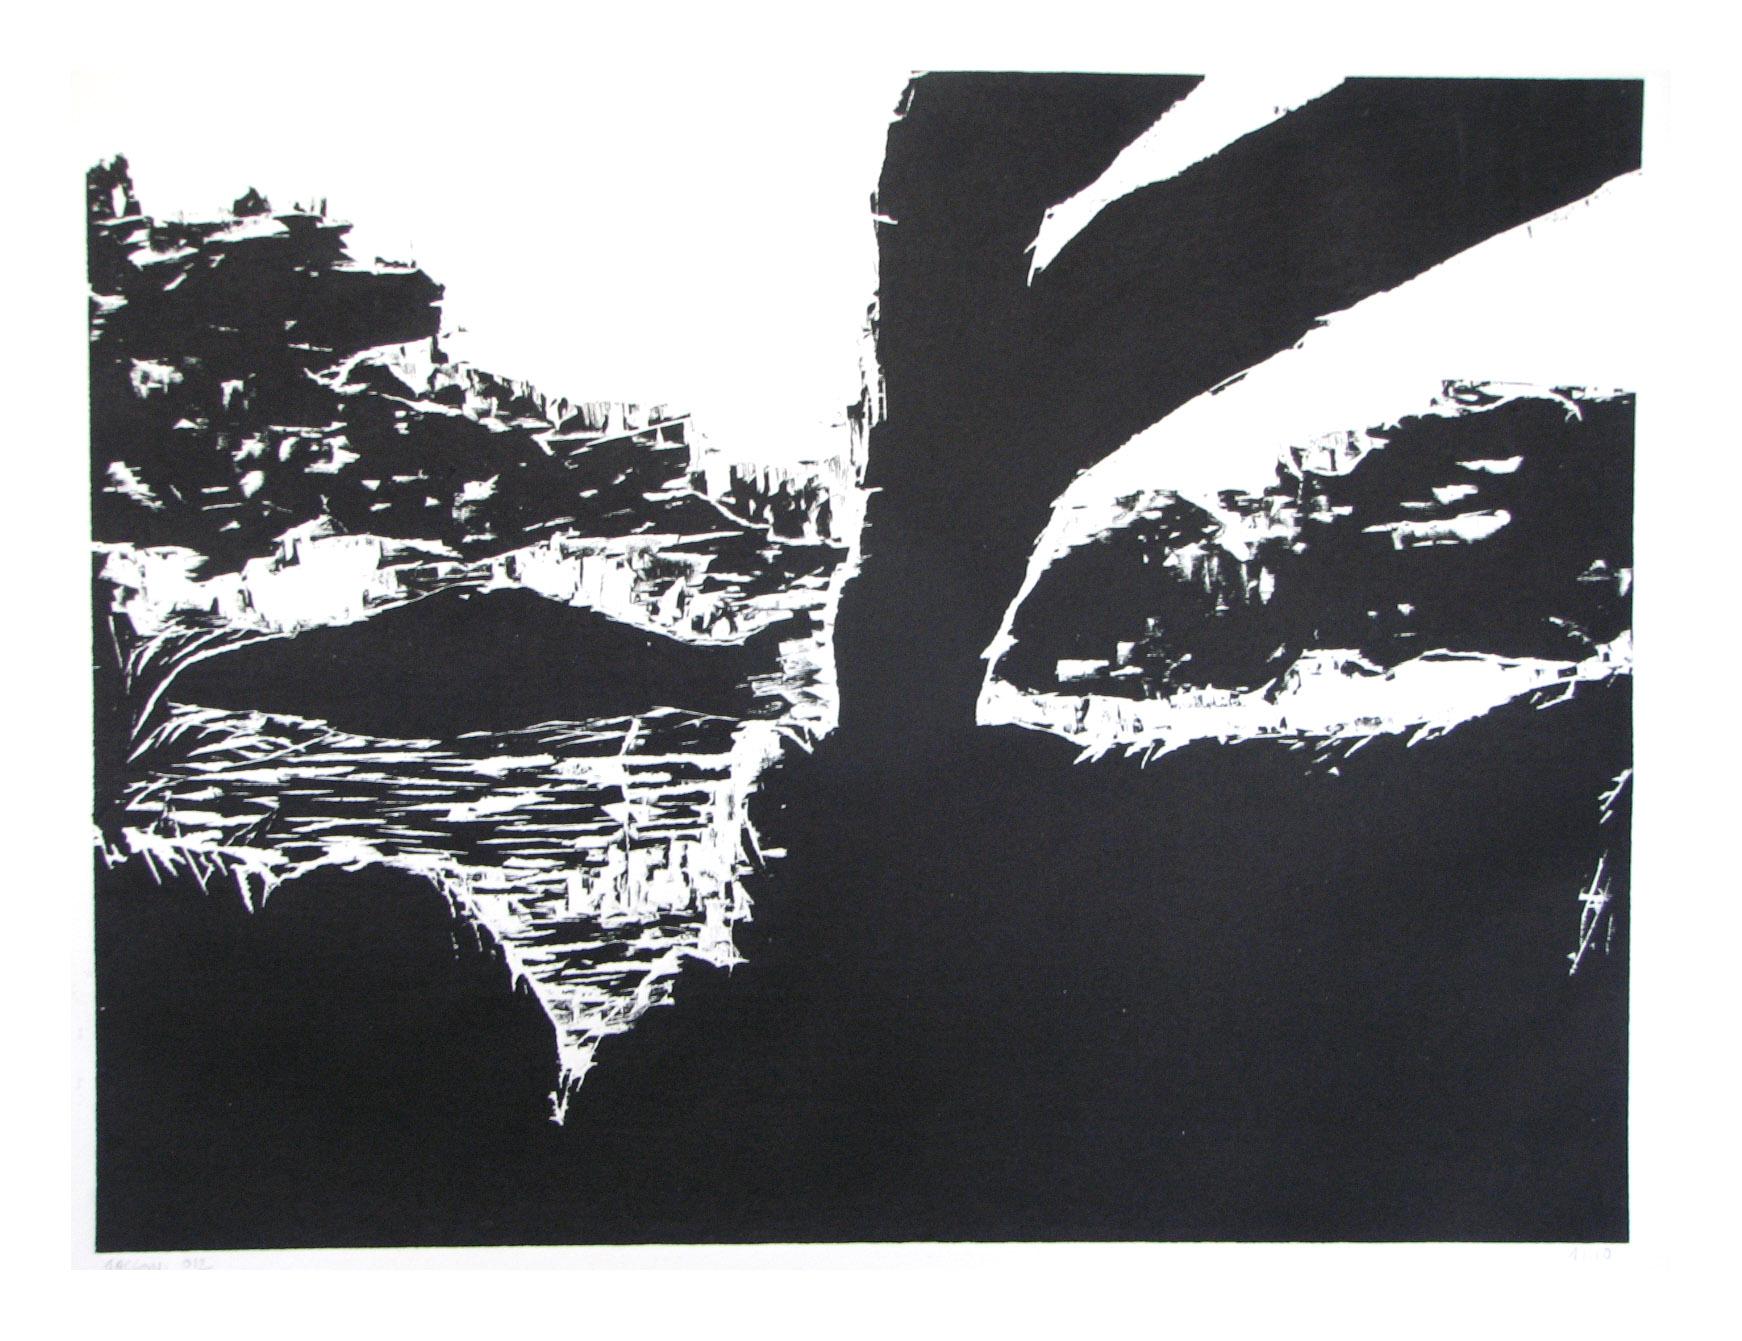 gravure sur bois Cécile Orsoni Kiki Dimoula Athènes